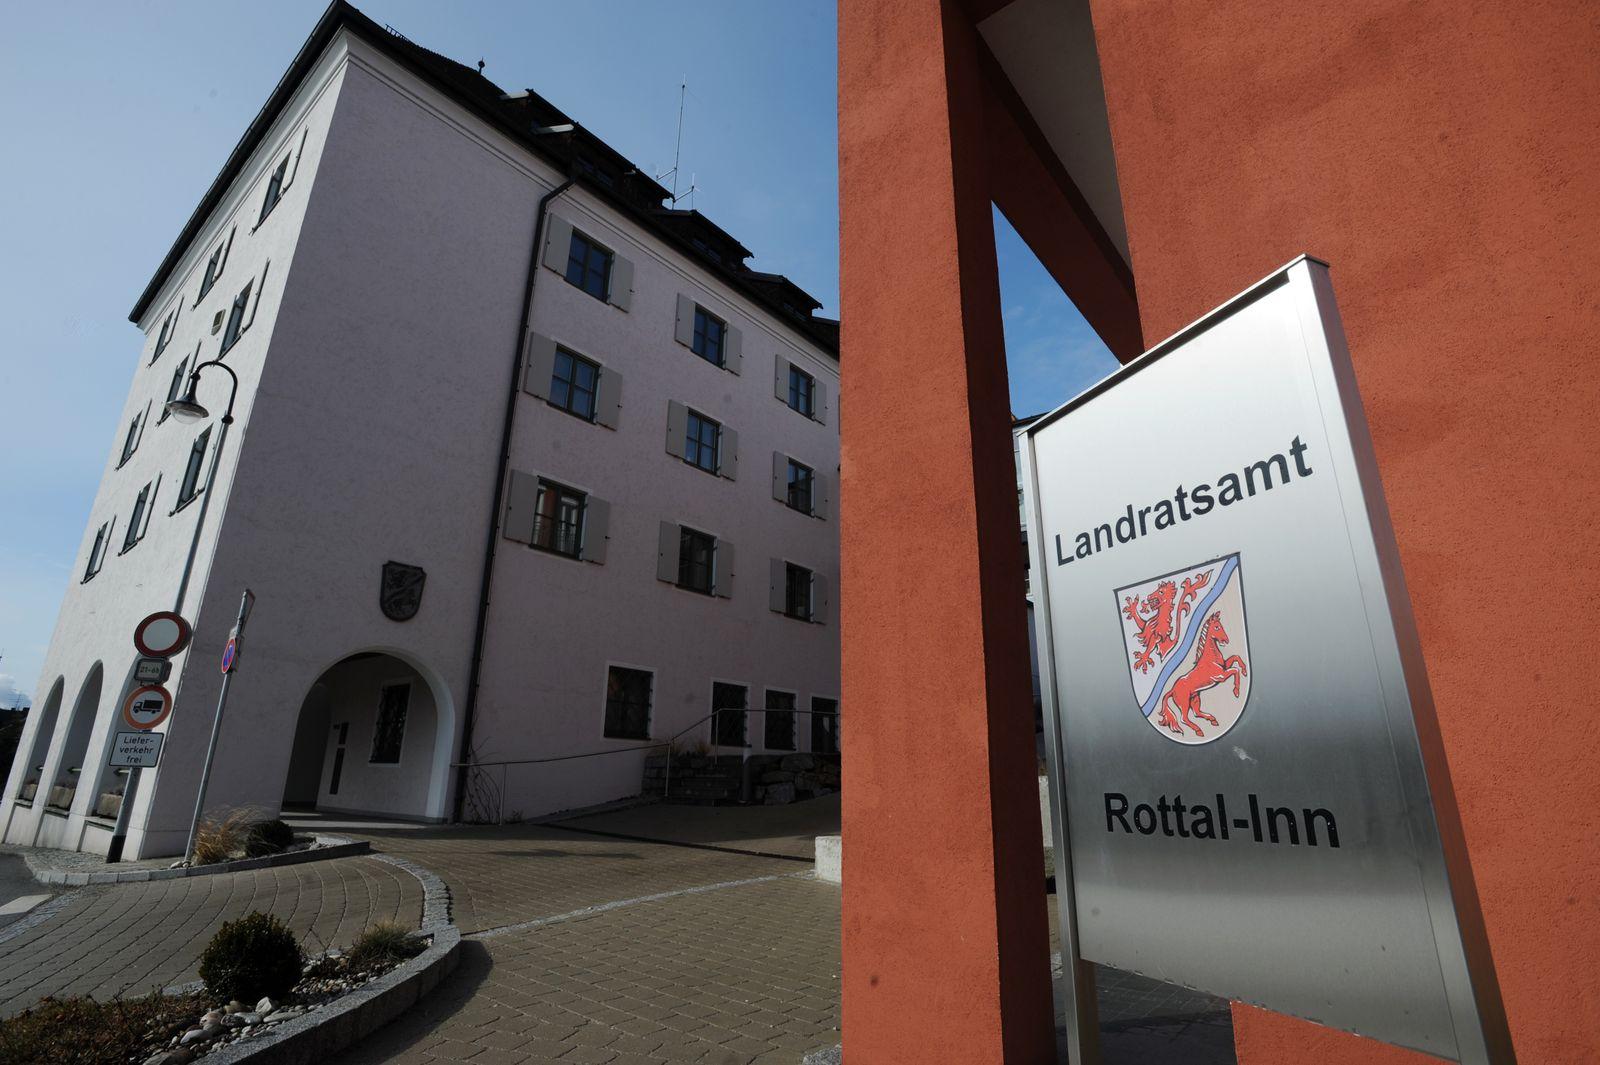 Bayern - Landratsamt Pfarrkirchen